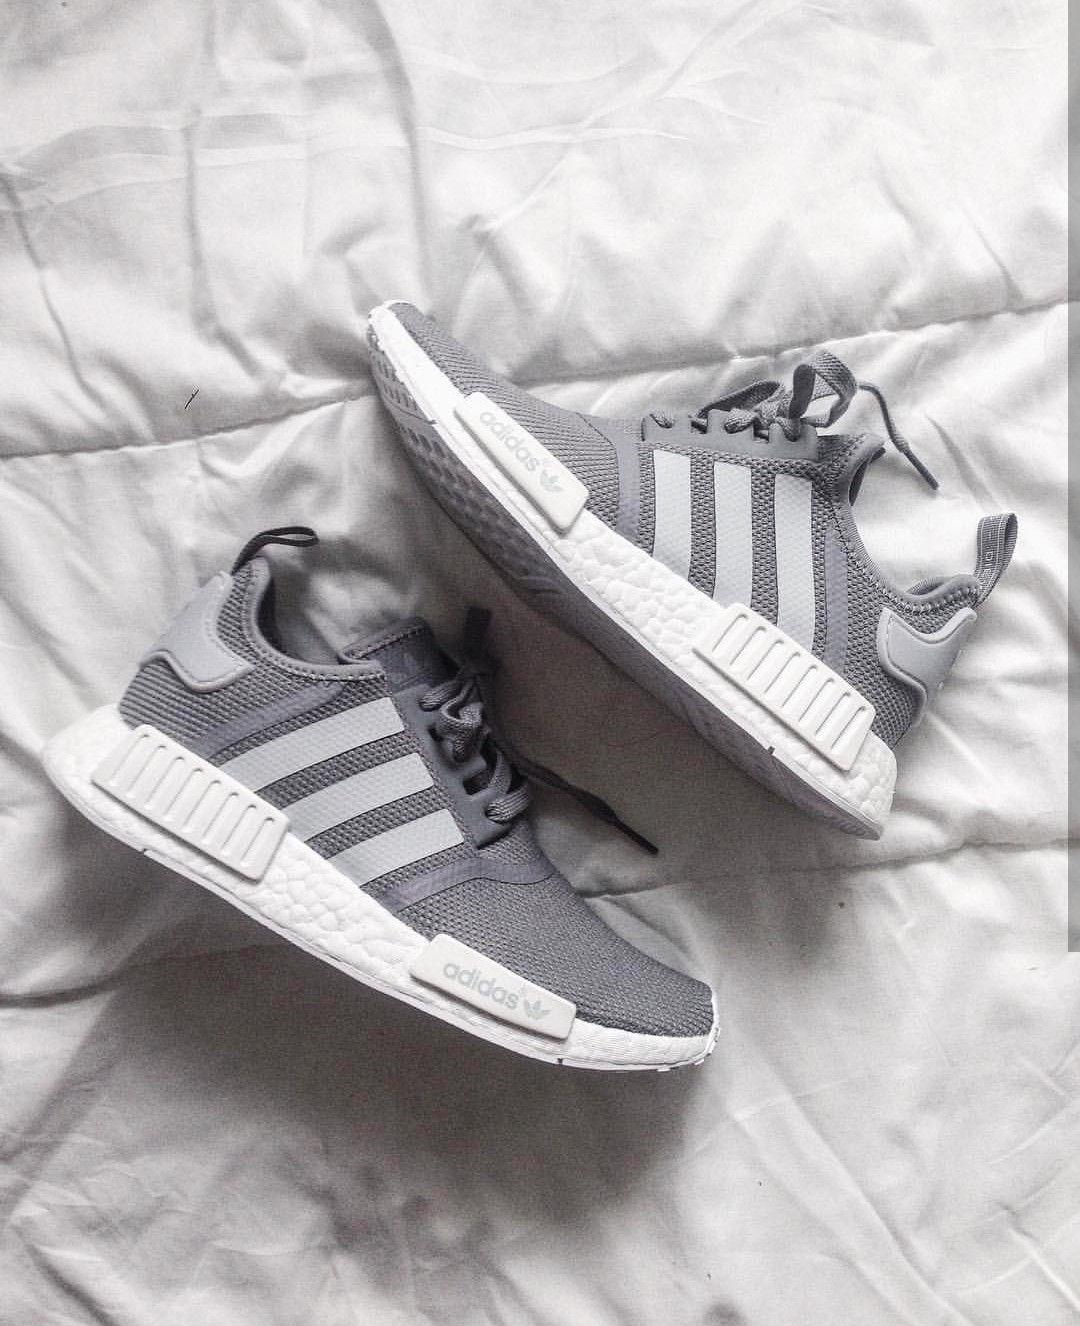 Adidas Adidas Adidas Originals NMD in Grau/grau // Foto: heyitsayruuhh  Instagram fa183e